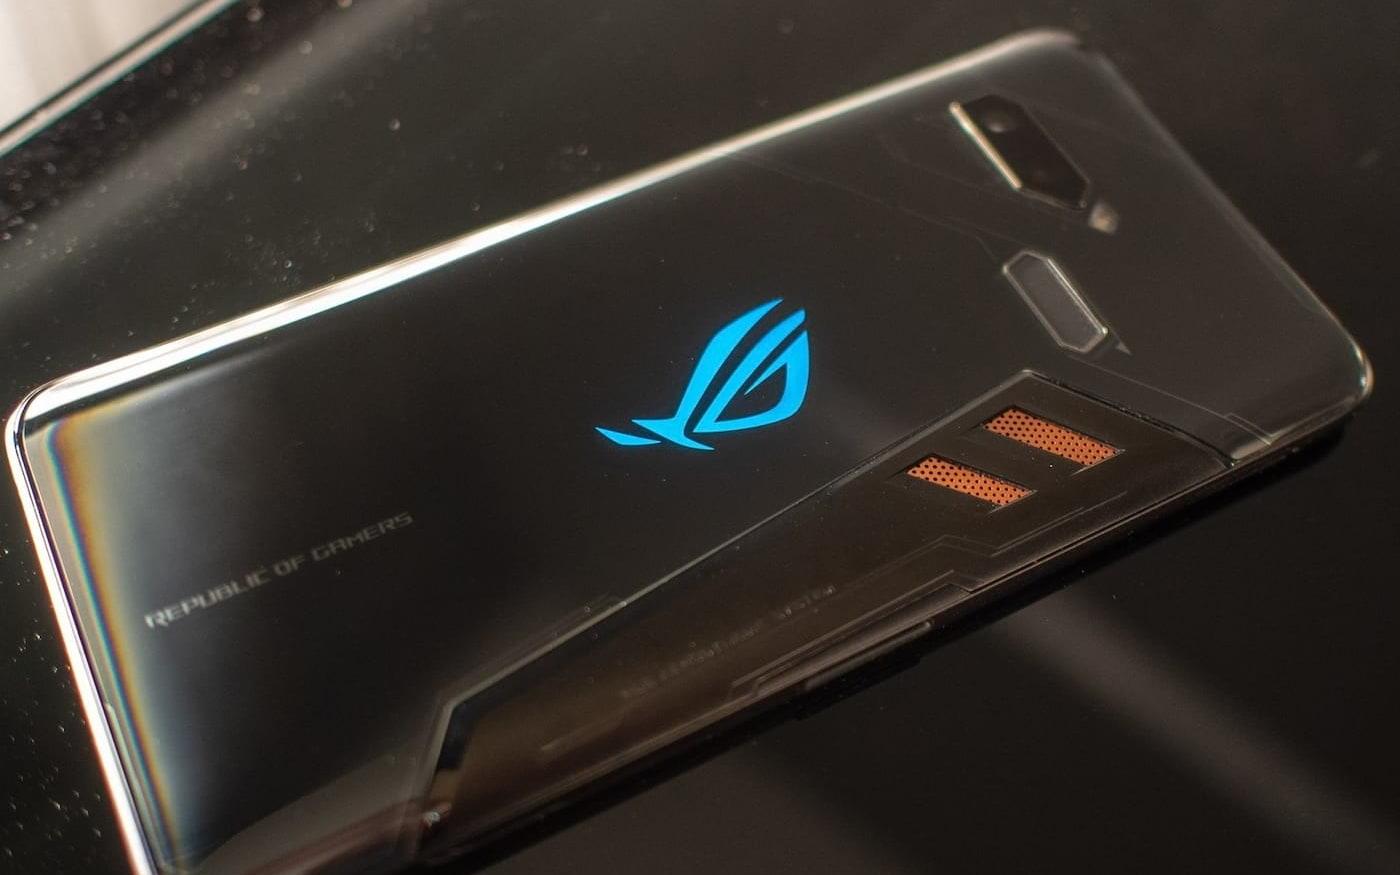 Agora sim confirmado! Asus ROG Phone 2 chegará em 23 de julho